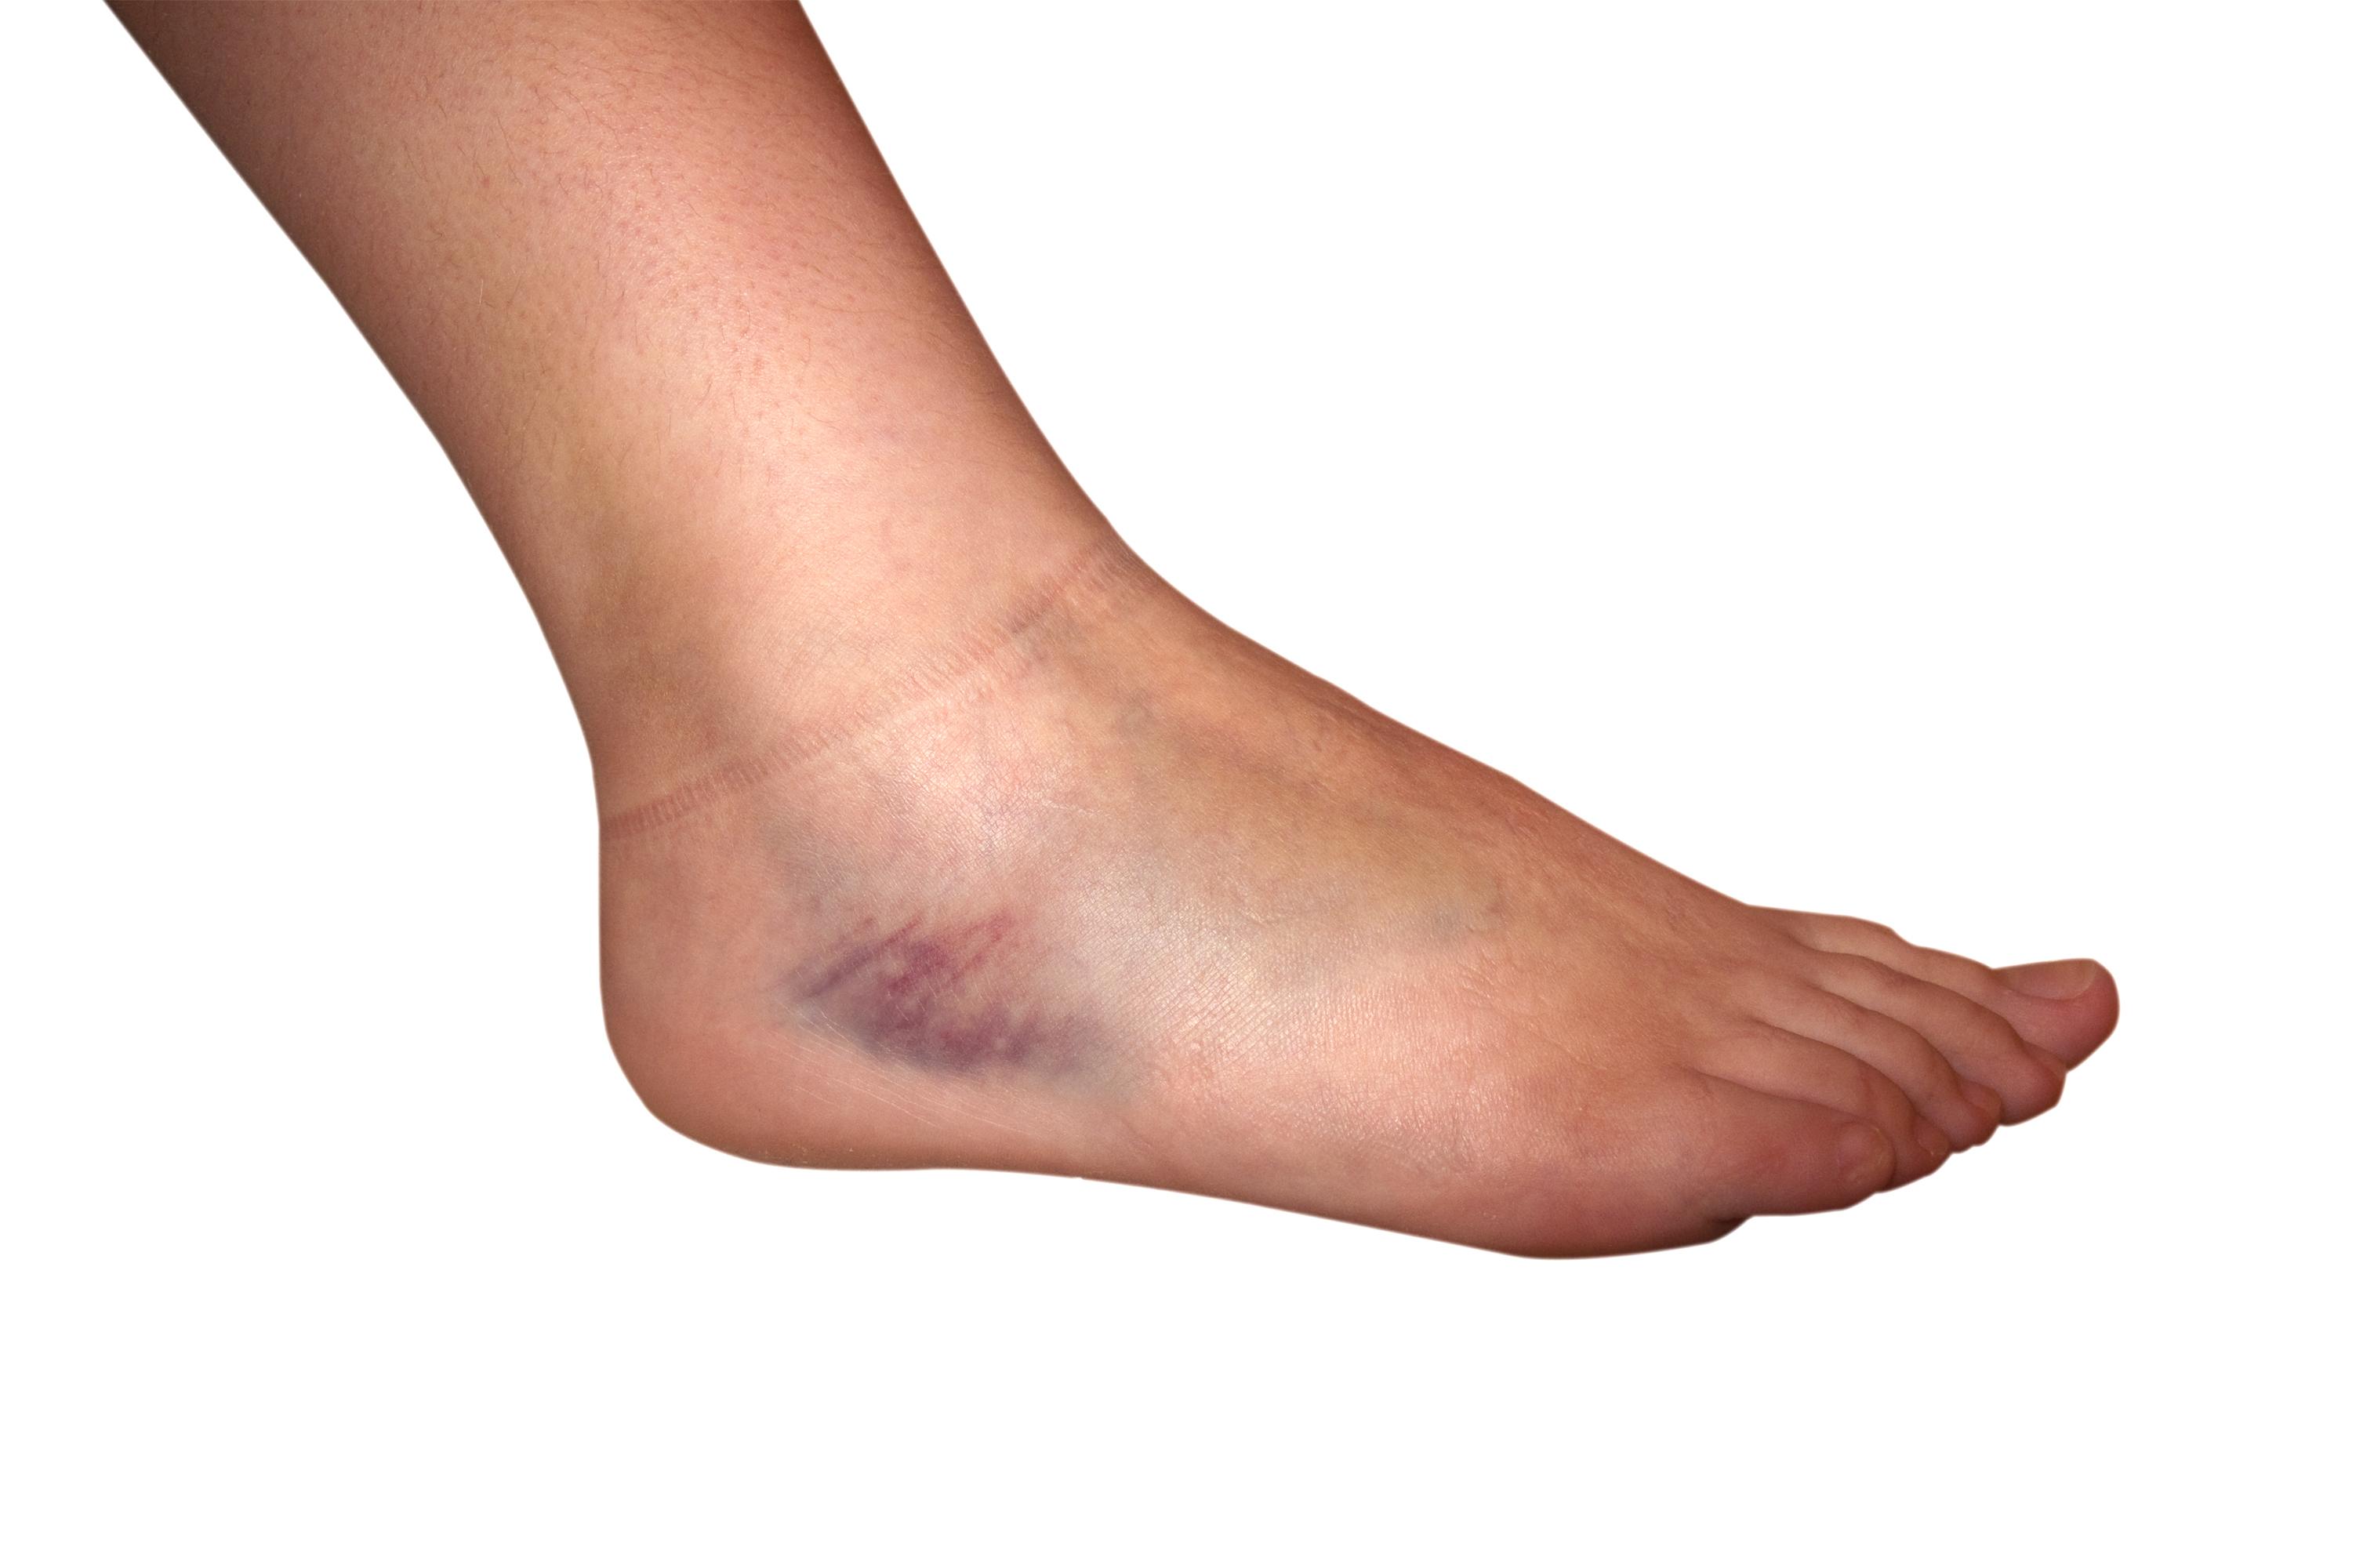 En stukad fot innebär att vävnaderna i fotleden skadats.